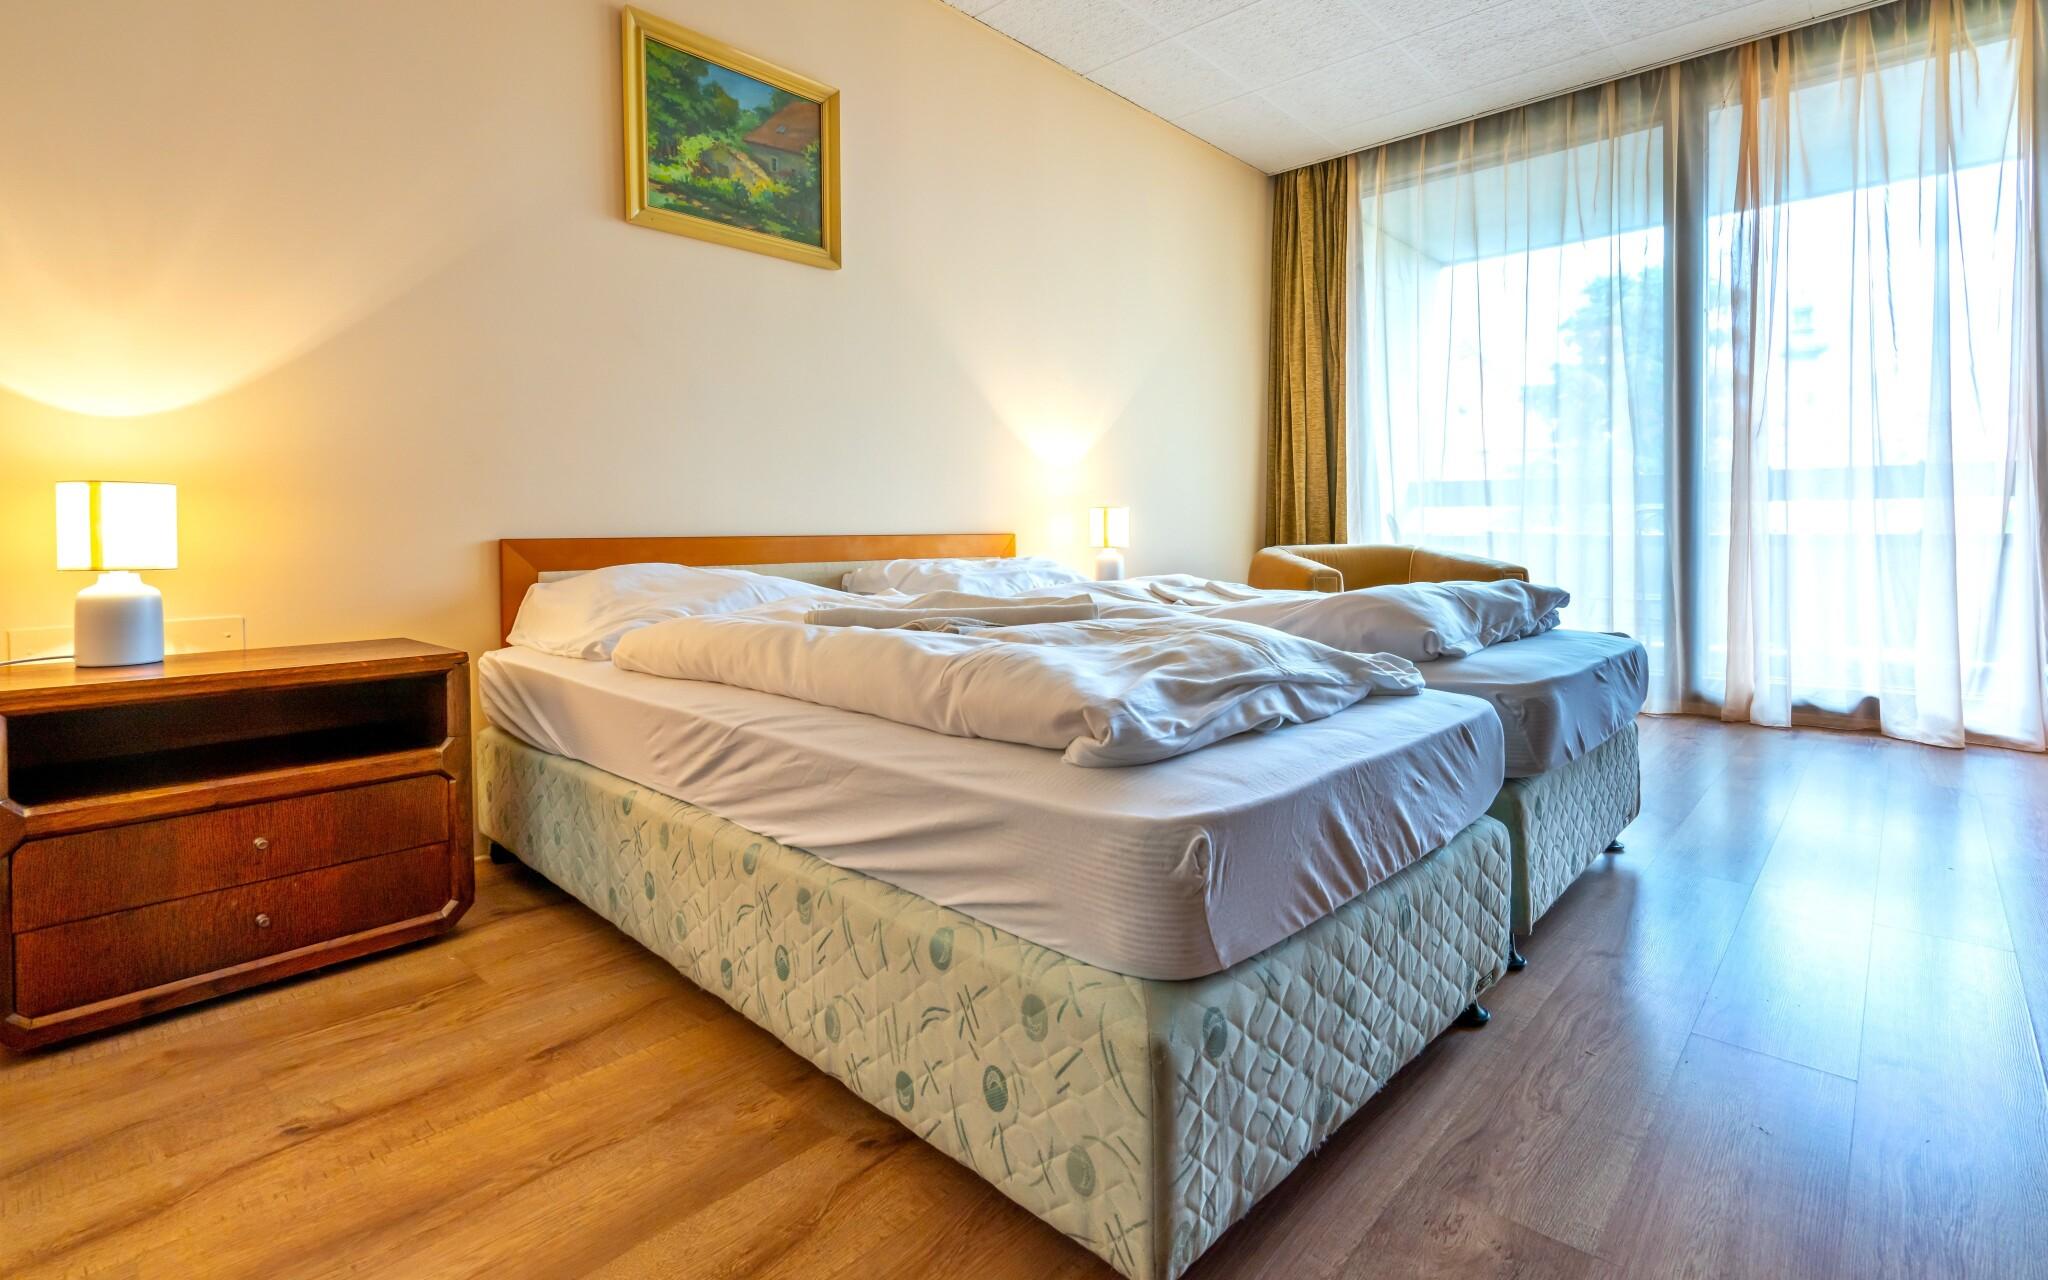 V hotelových izbách nájdete všetko potrebné